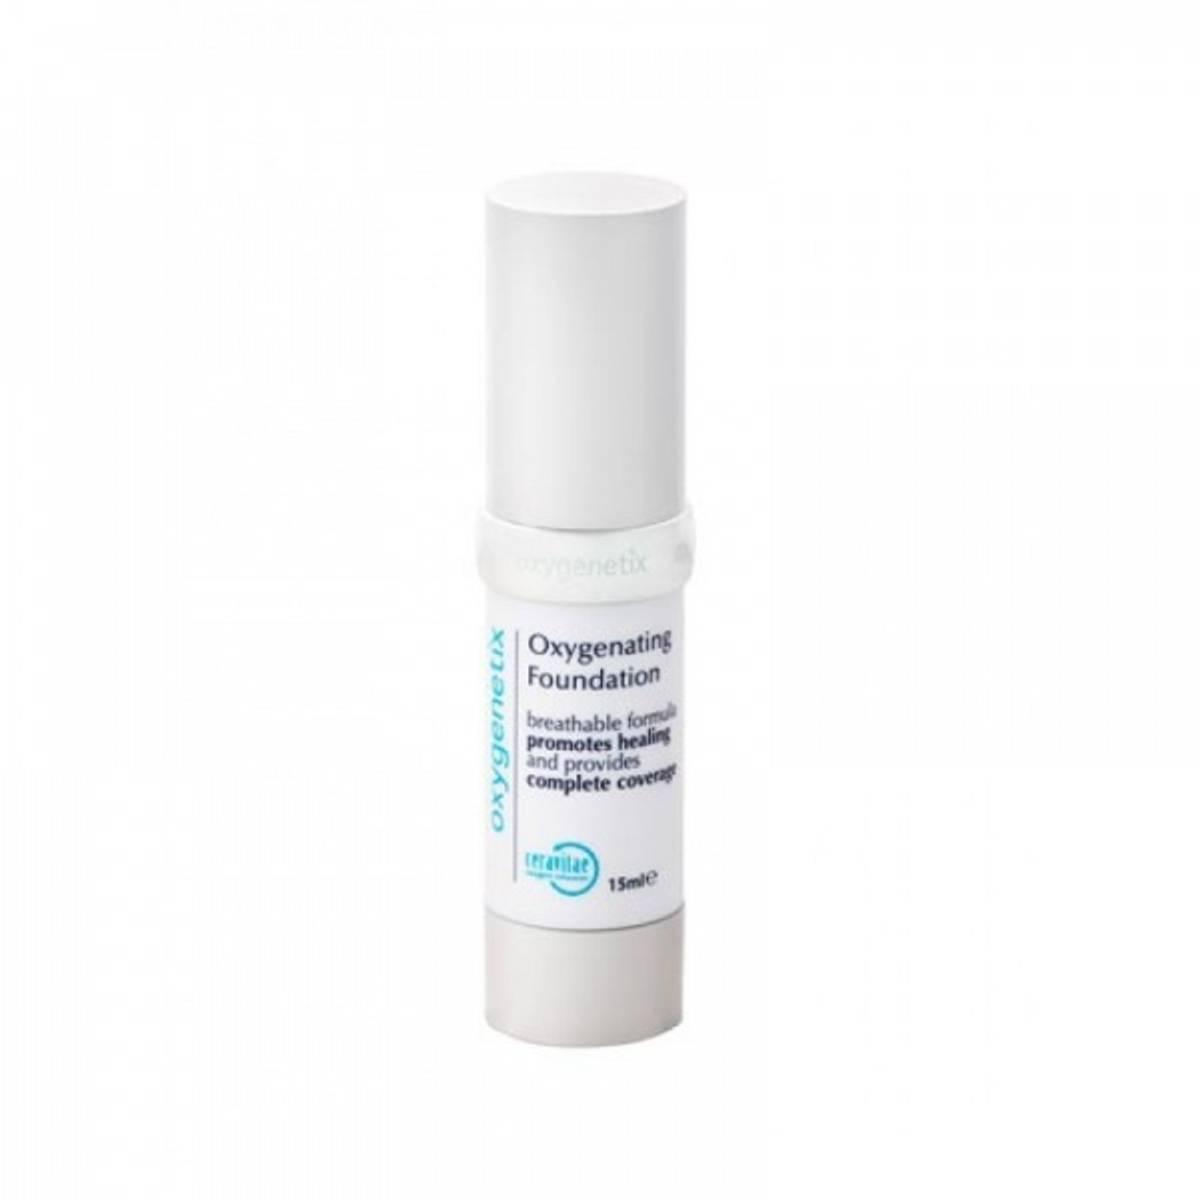 Oxygenetix Foundation 15ml